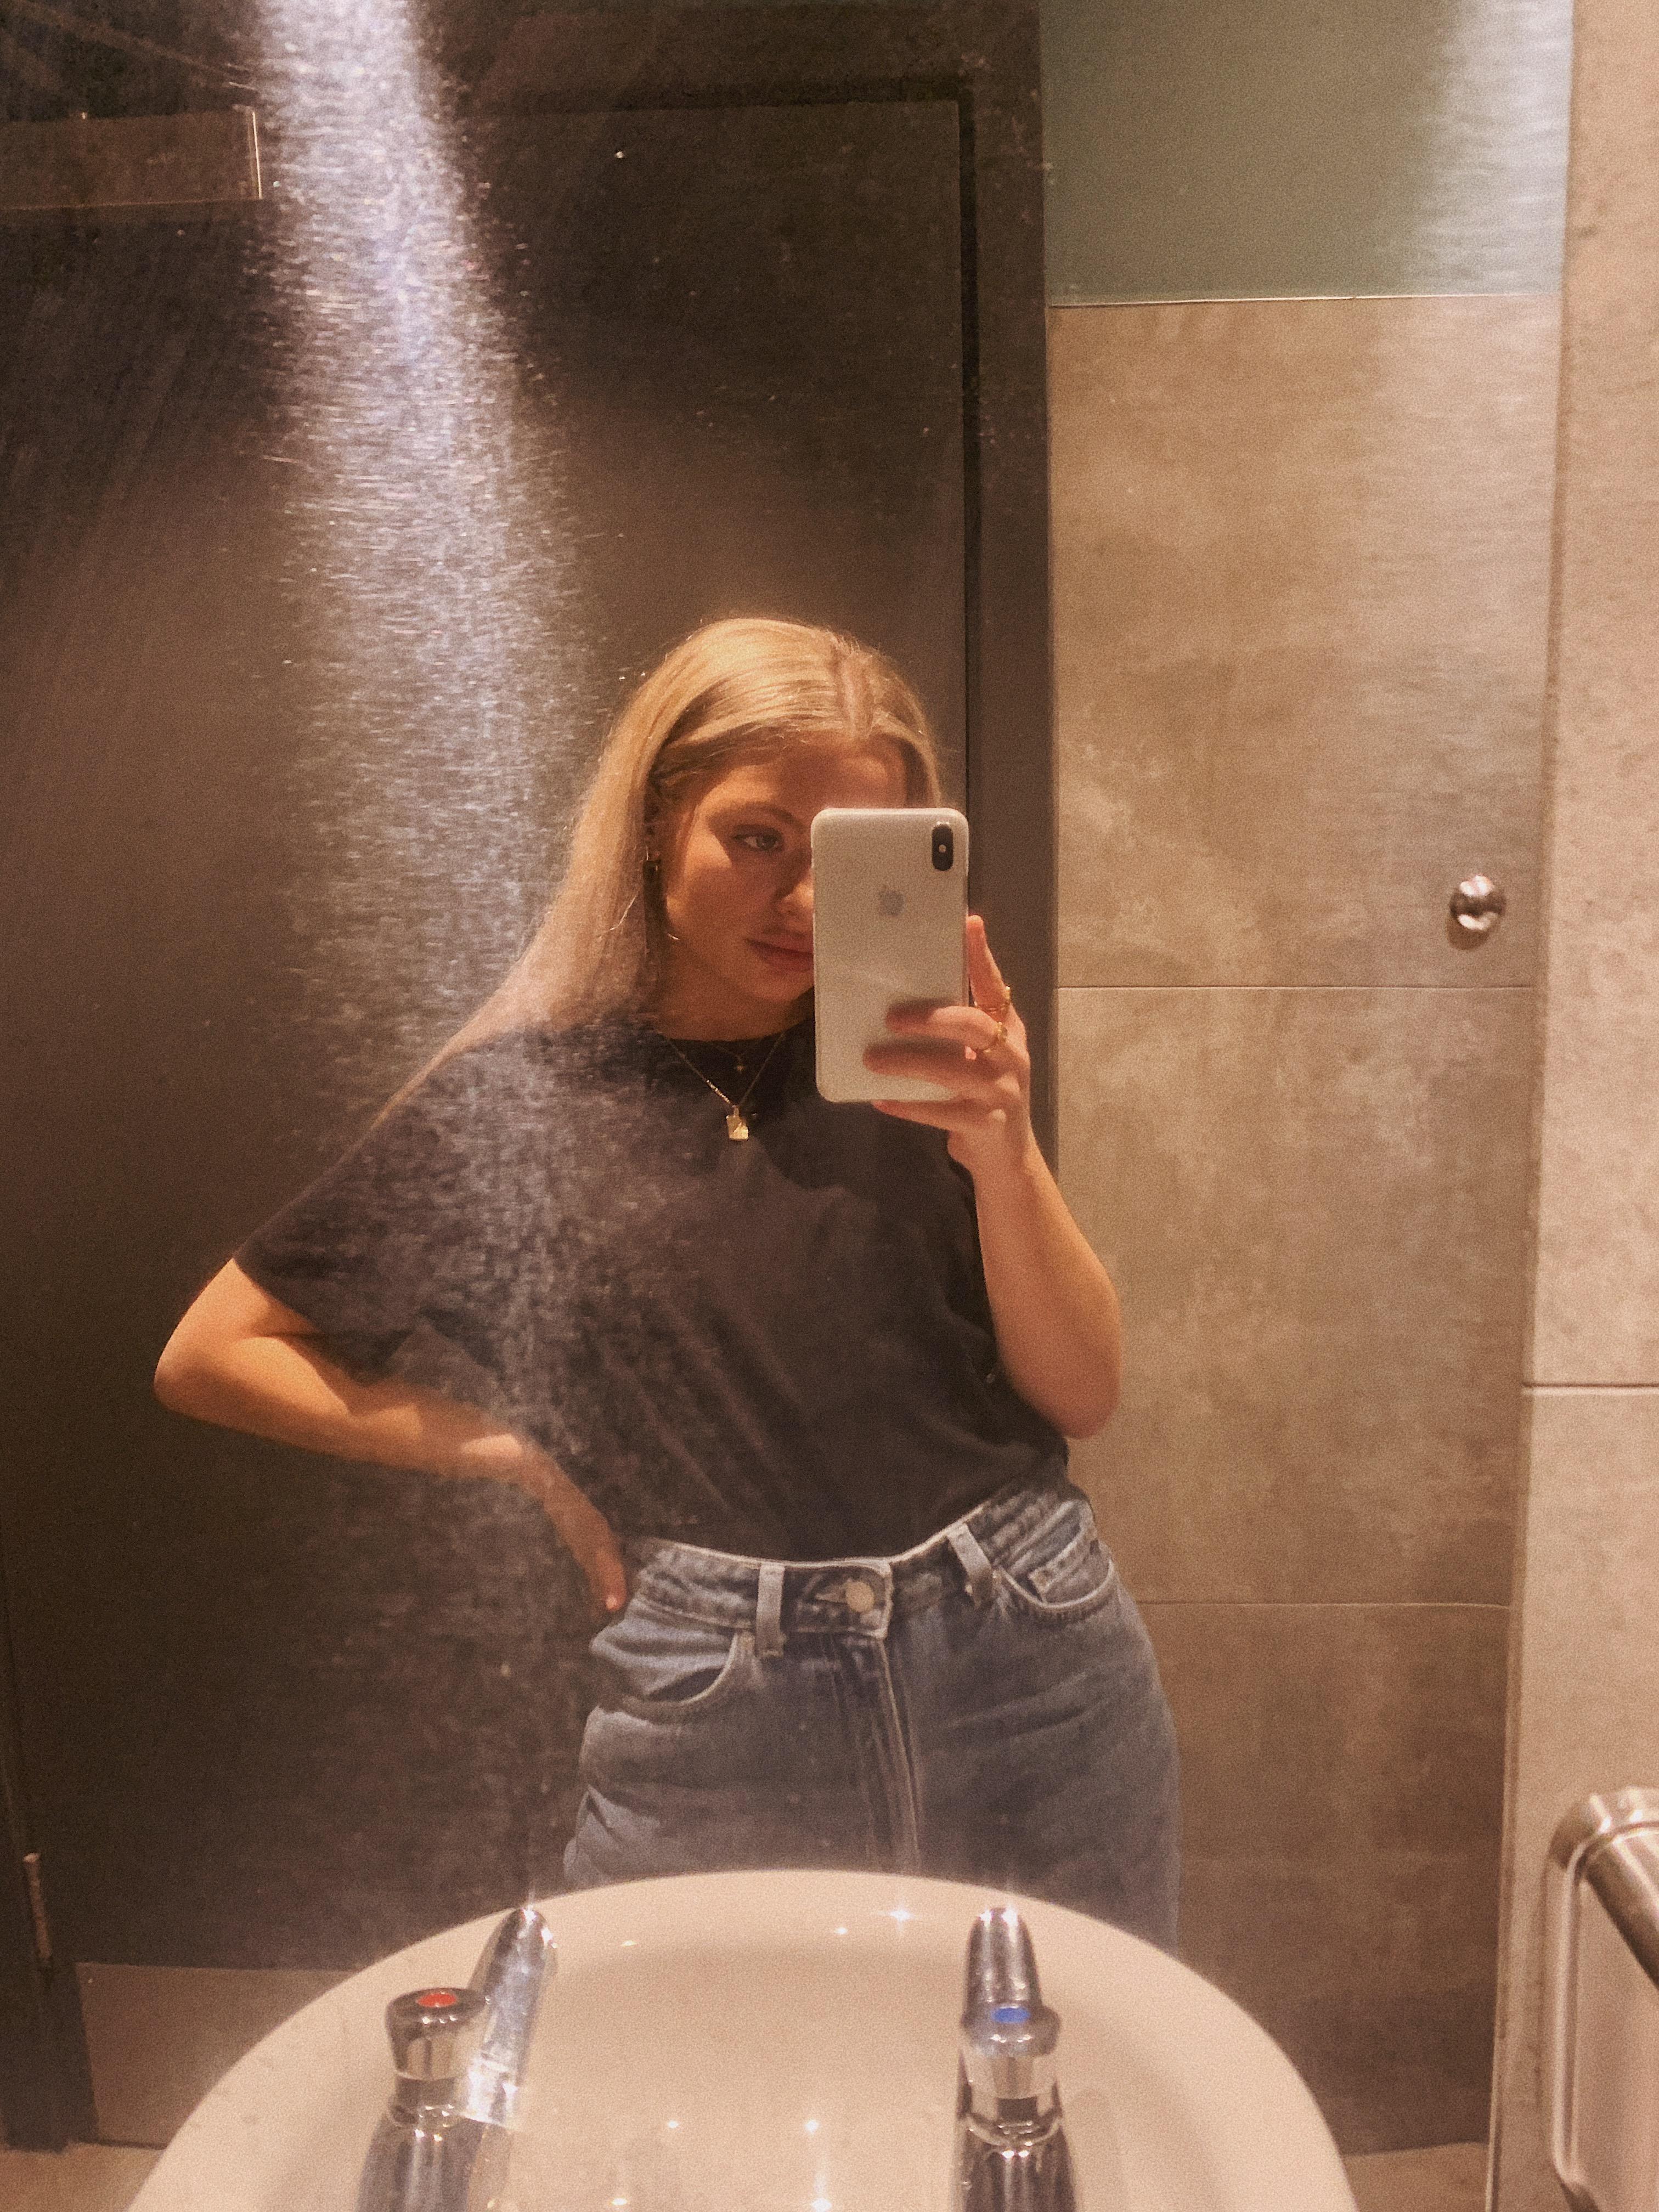 Mirror selfie at Starbucks - wearing black tee and blue jeans